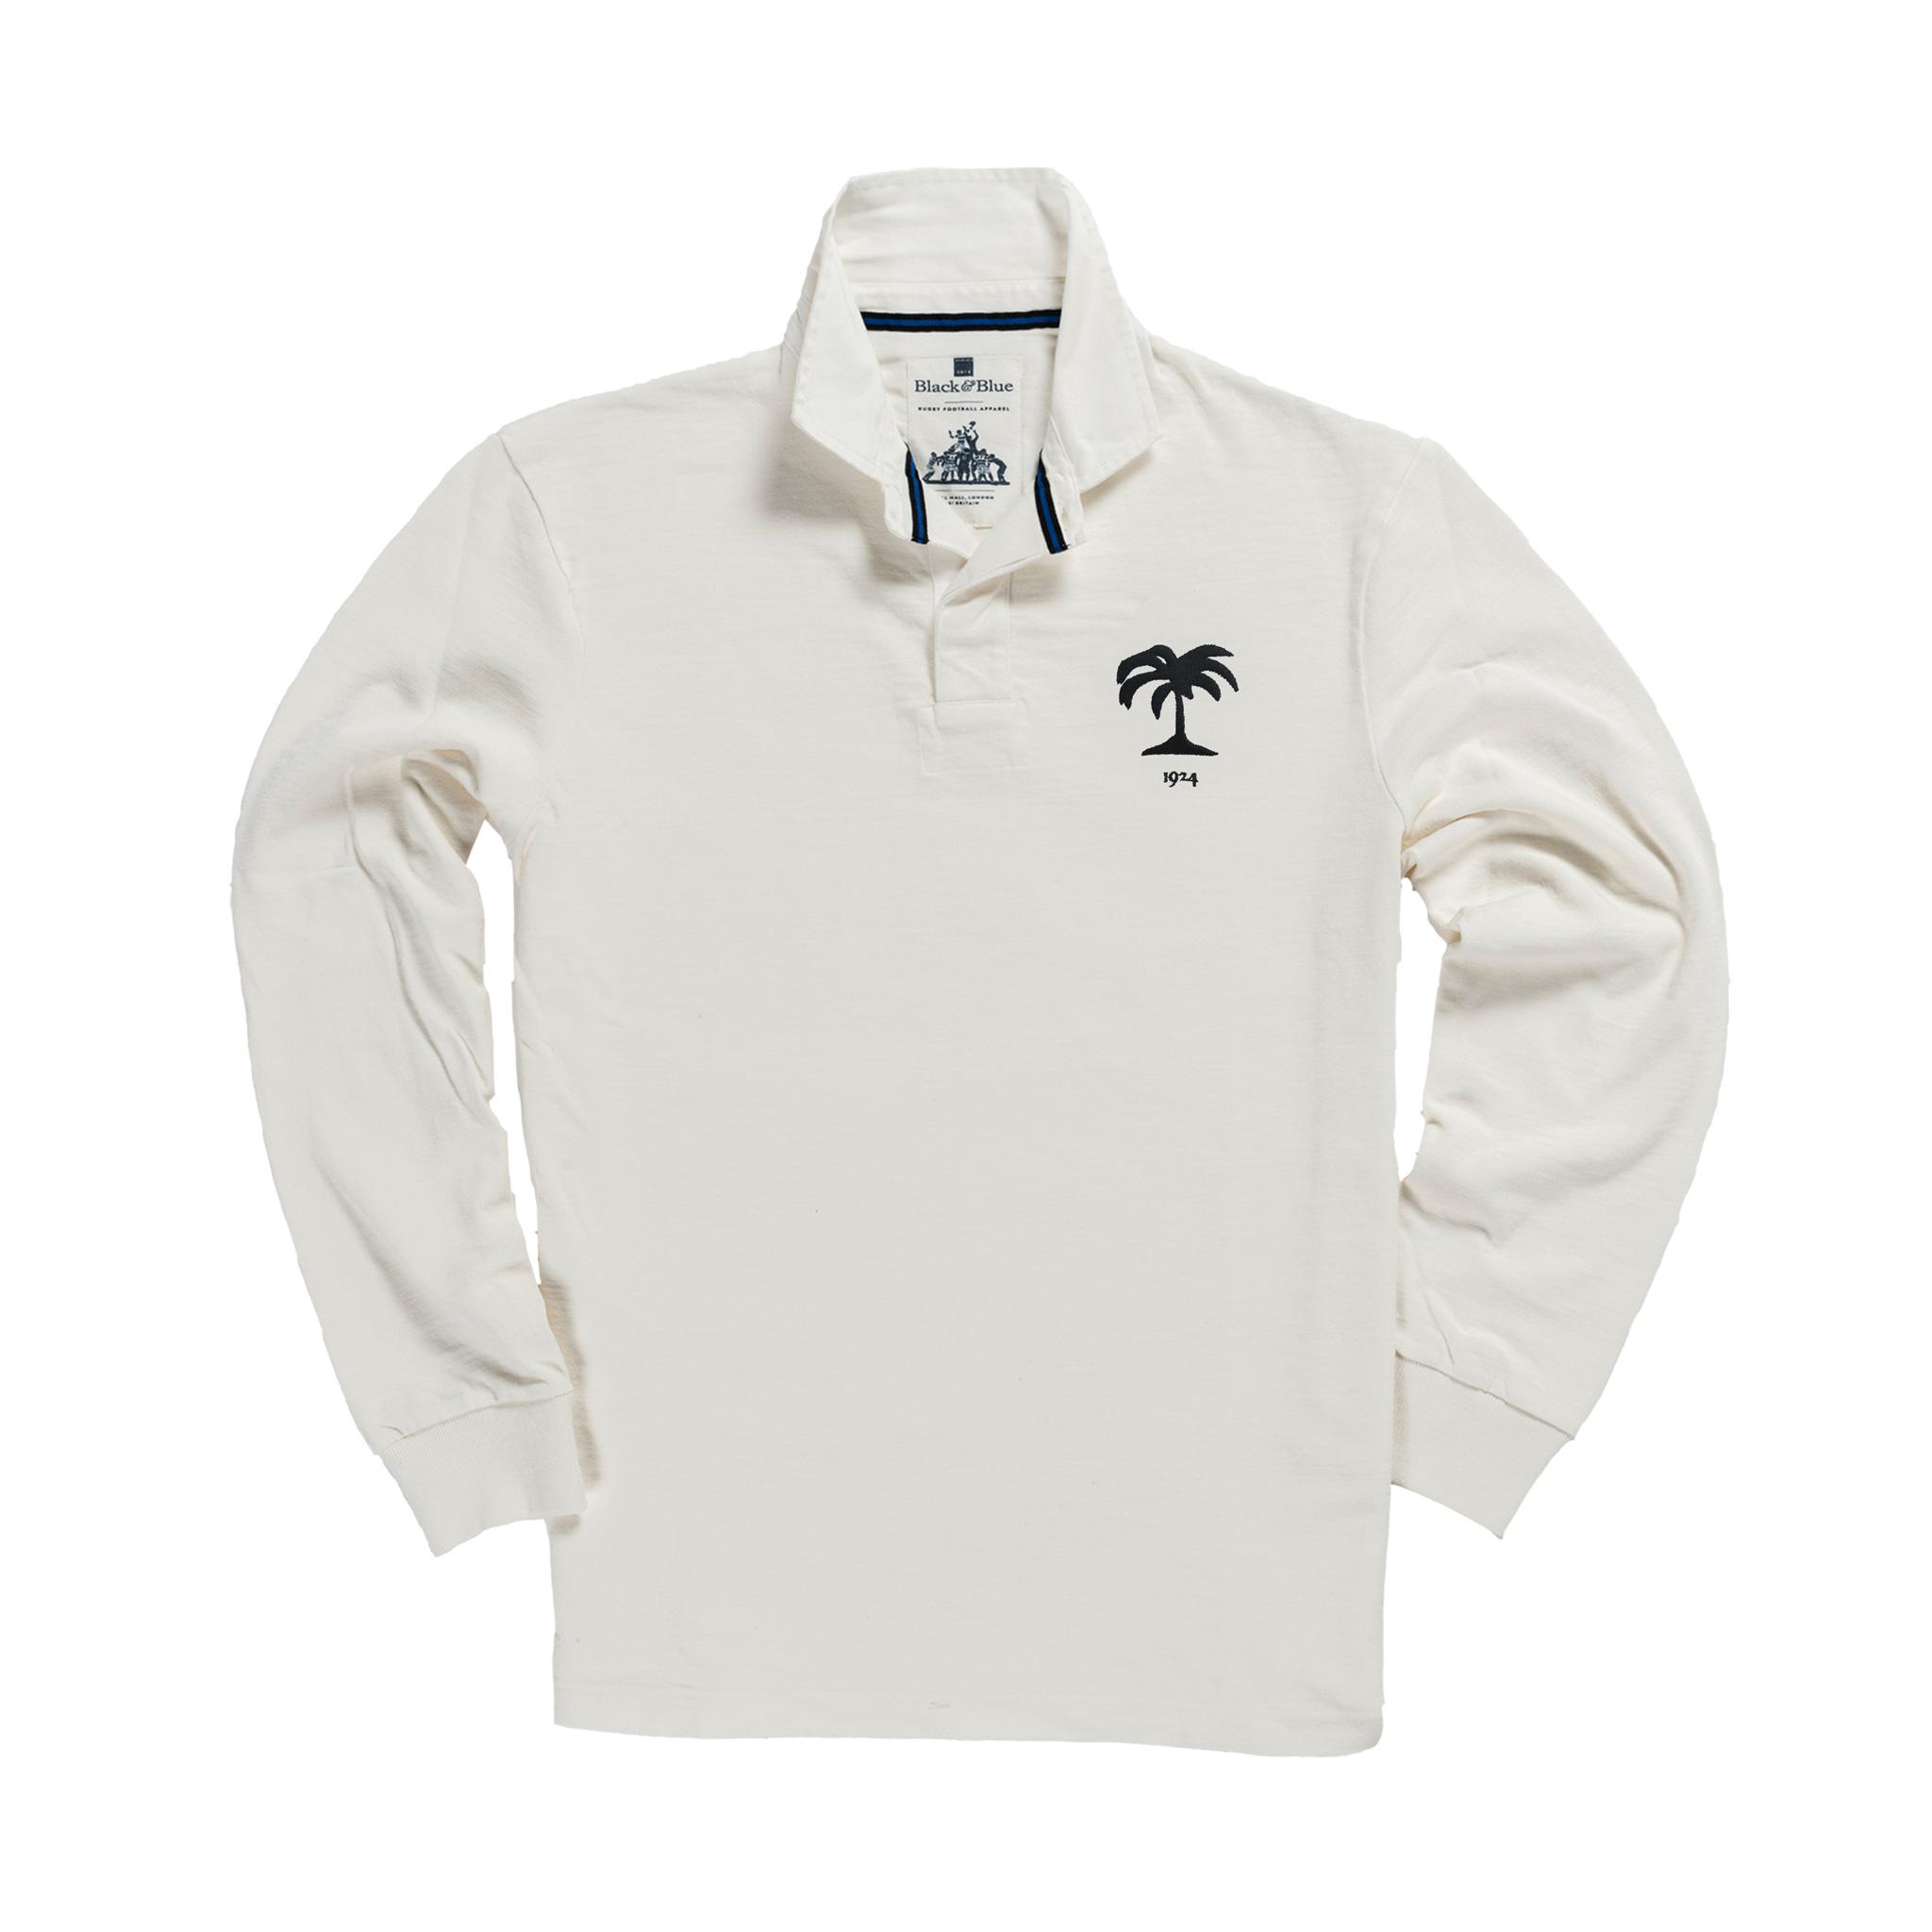 Fiji 1924 Vintage Rugby Shirt